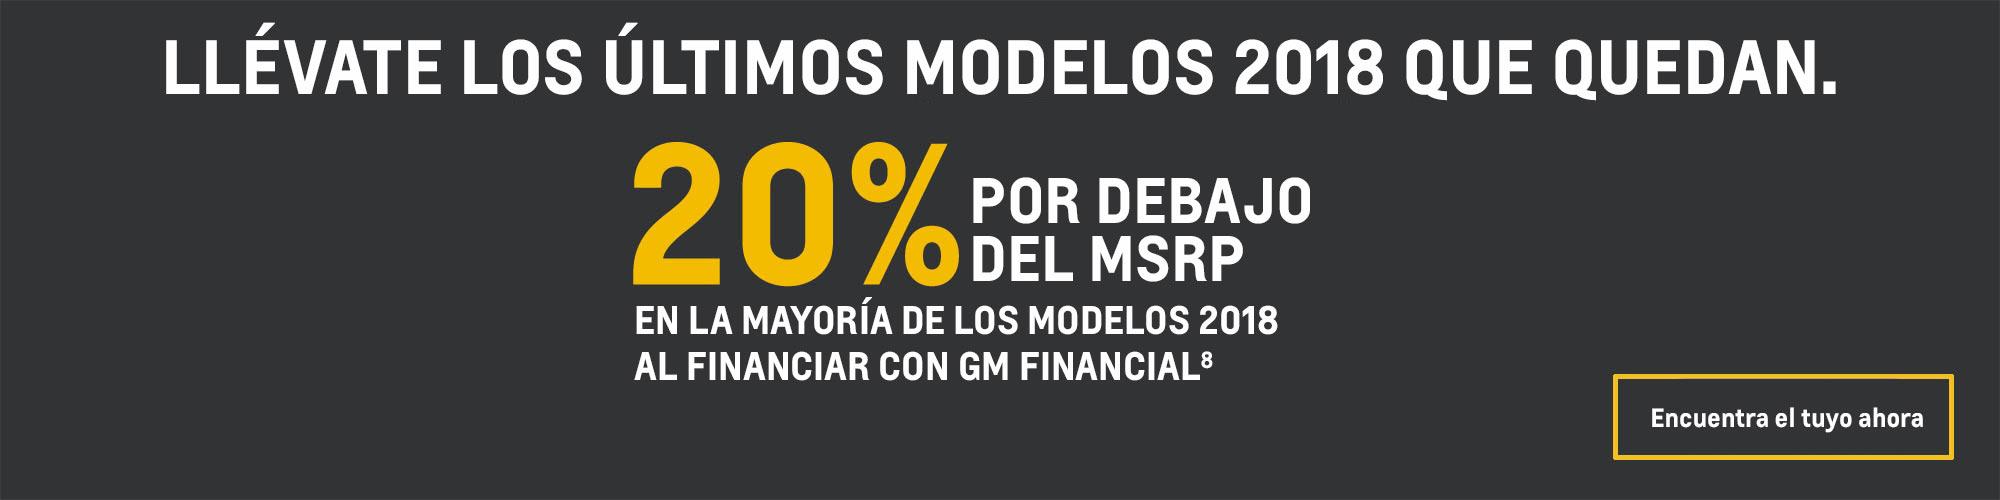 Chevrolet Sonic 2018: 20% por debajo del MSRP